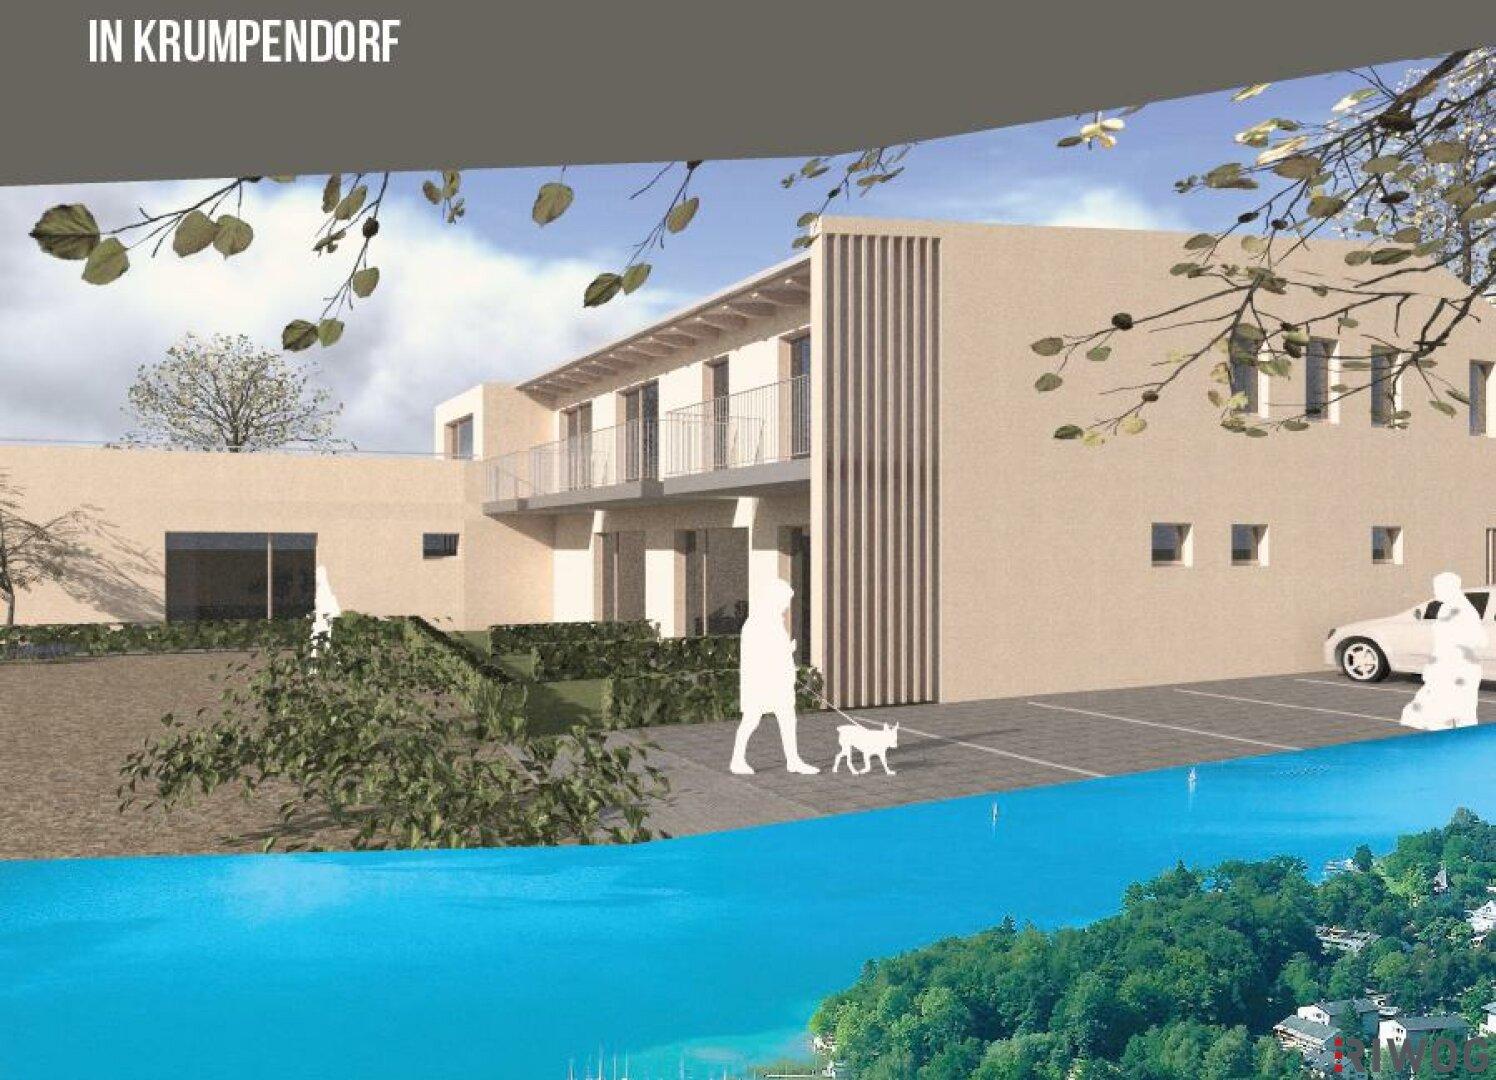 7 Wohnungen im Herzen von Krumpendorf (Projektansicht)